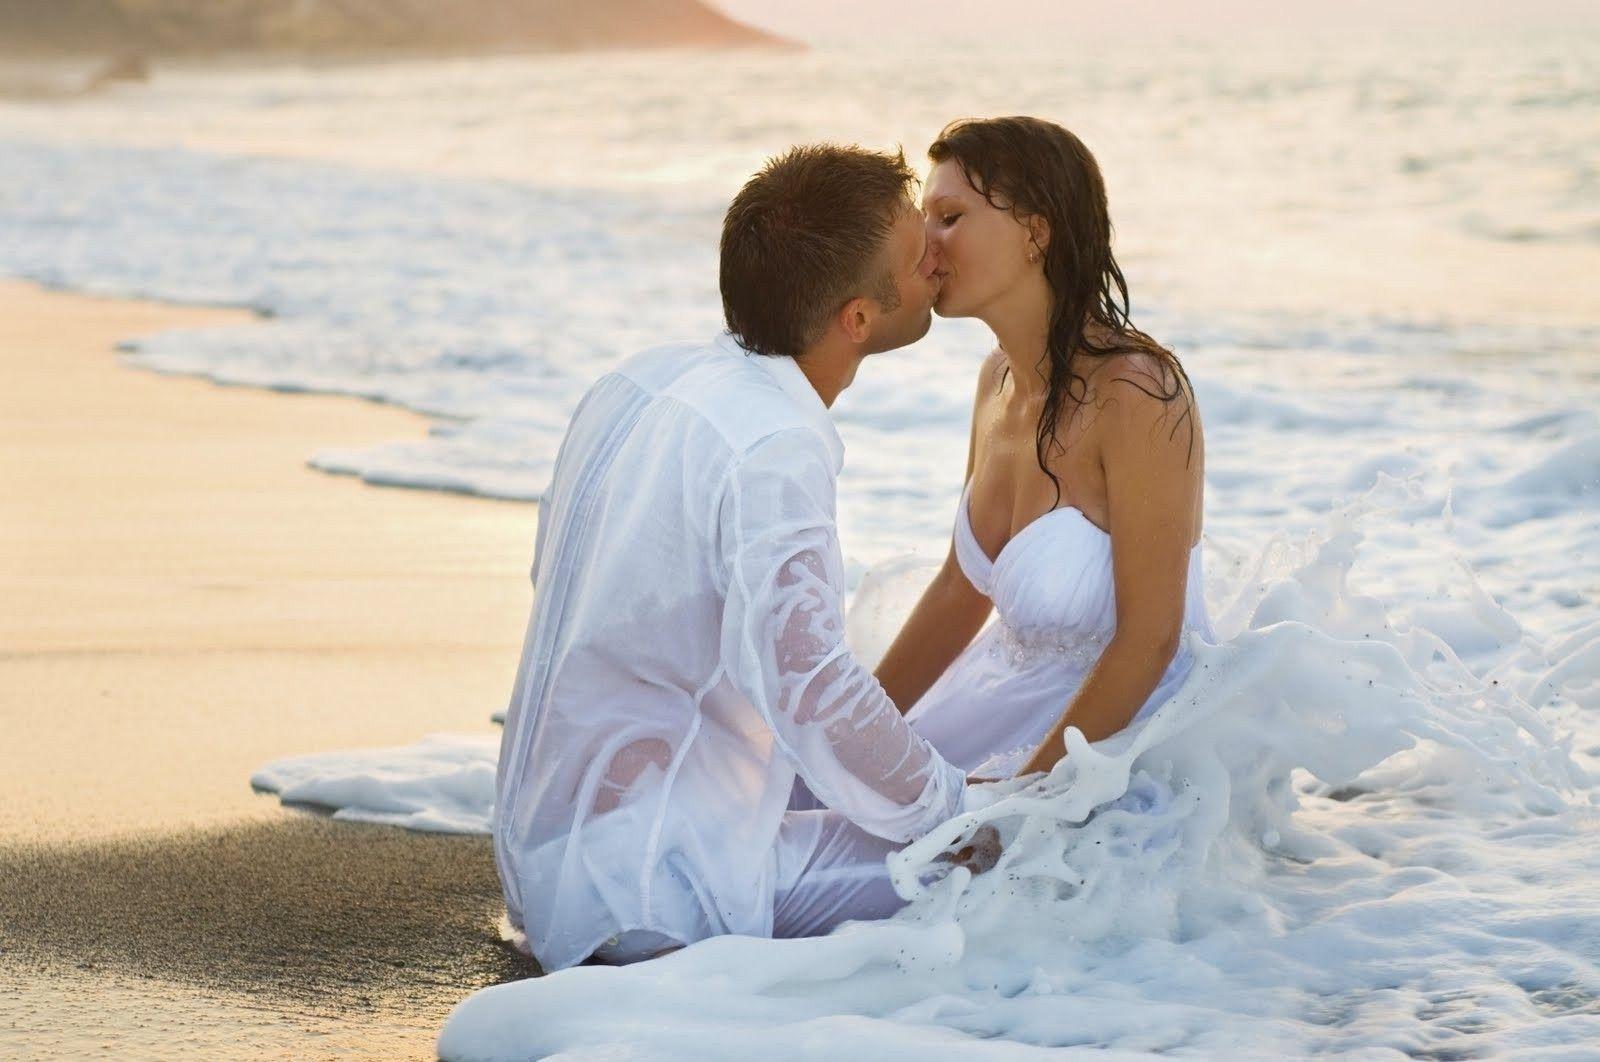 любовь романтическая страсть